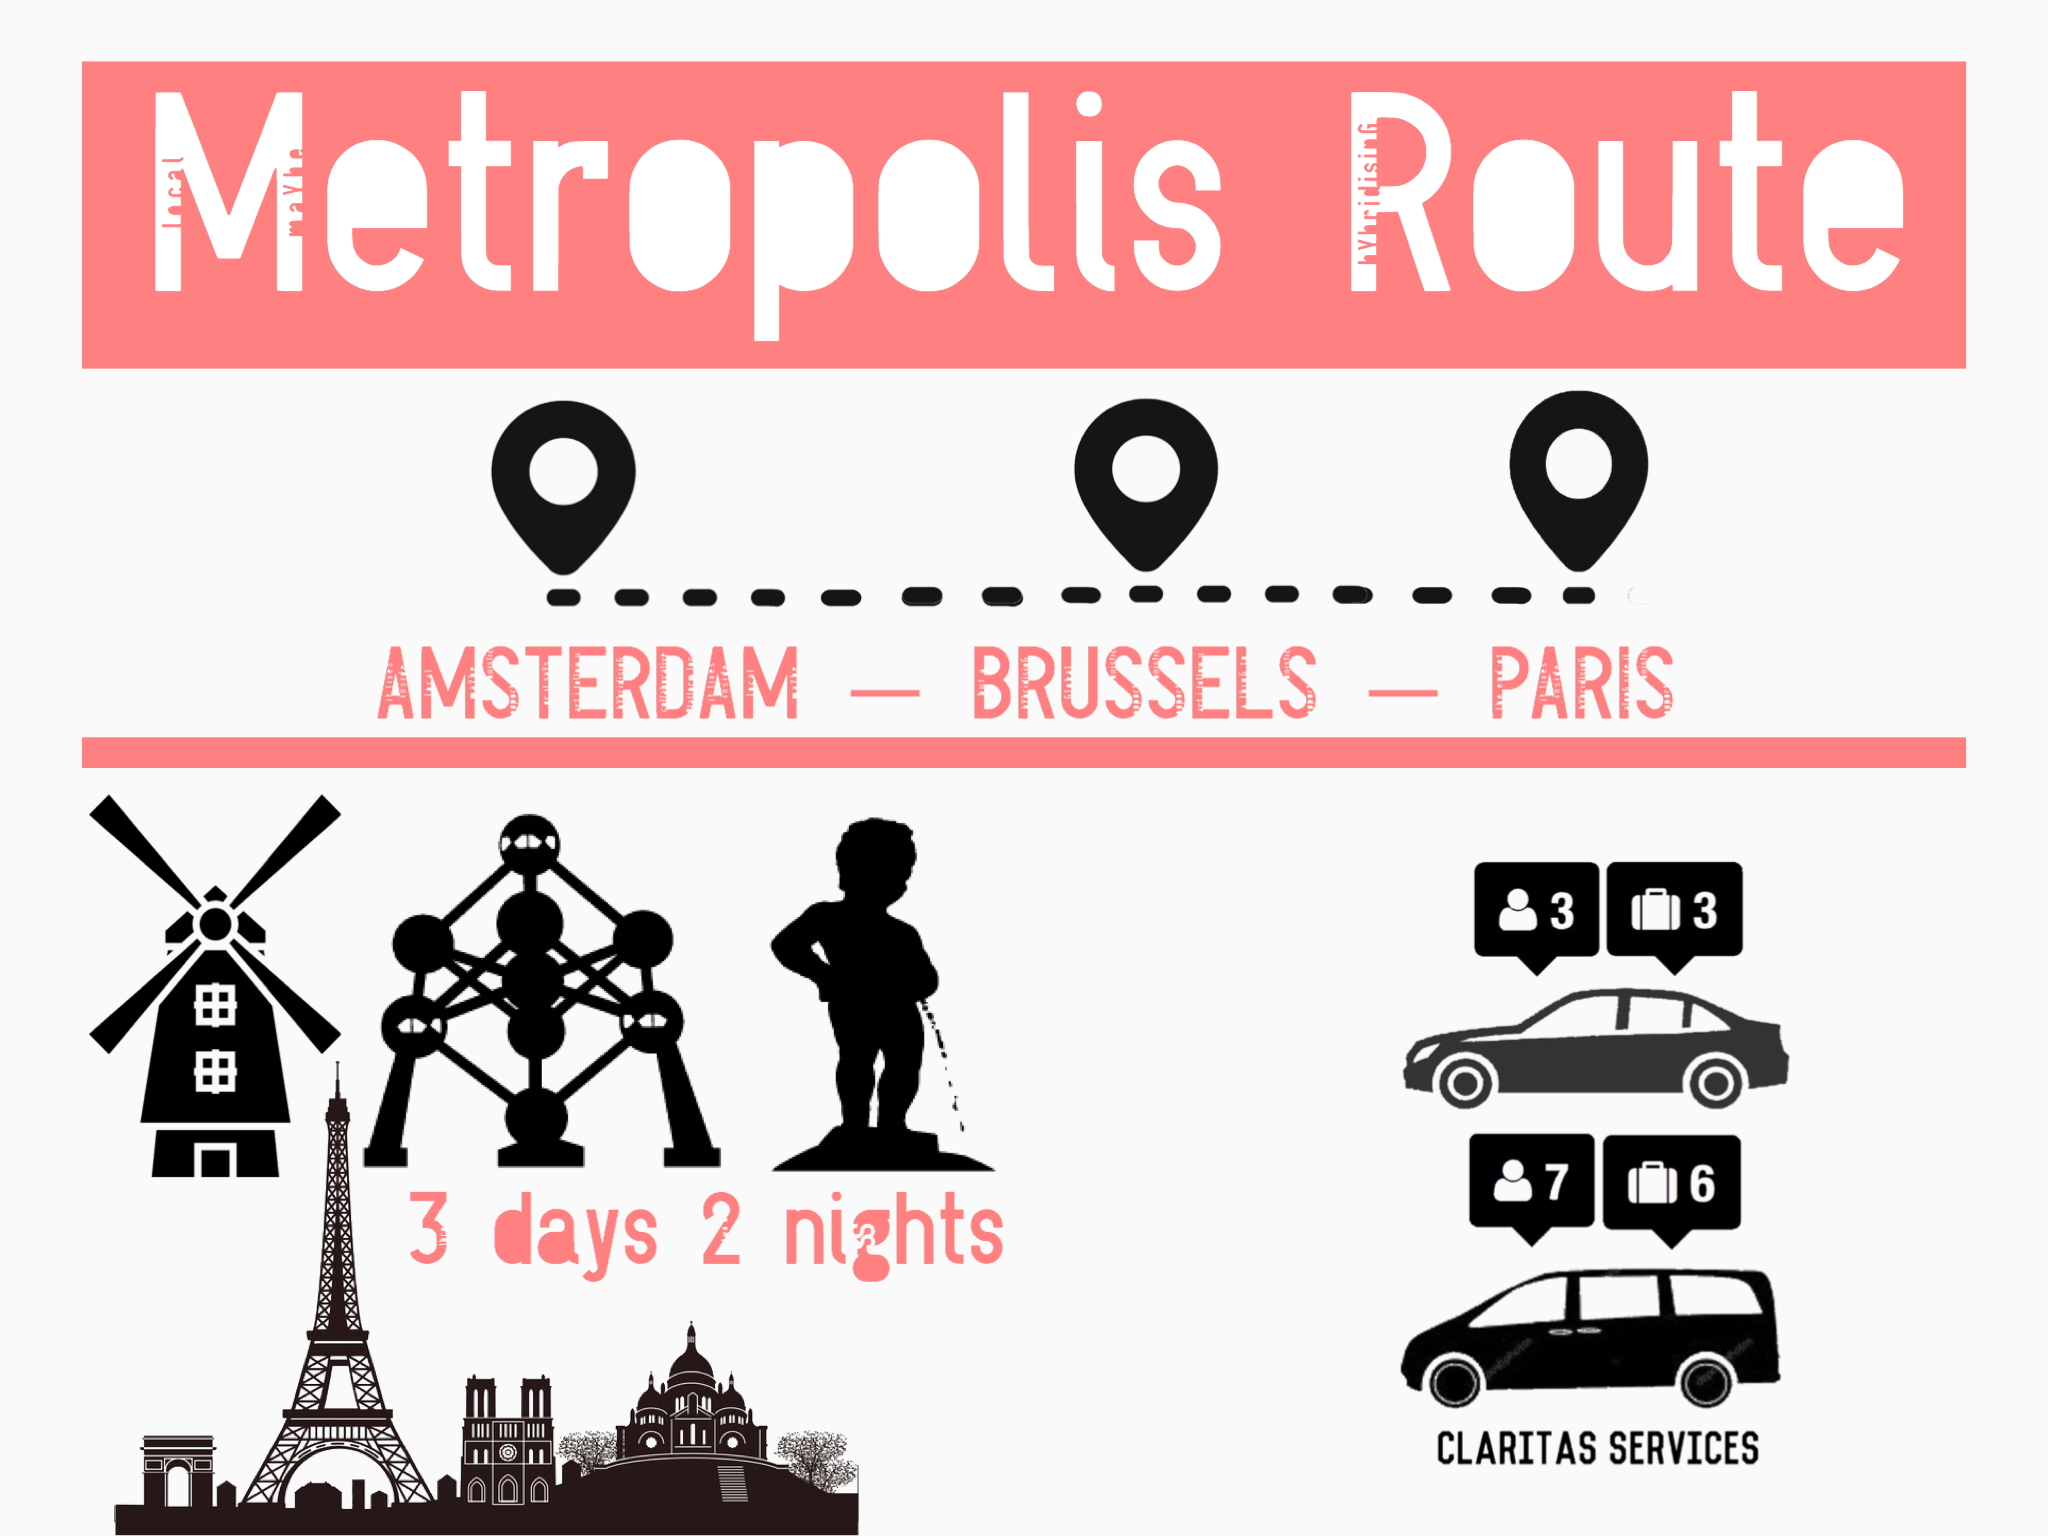 Metropolis Route